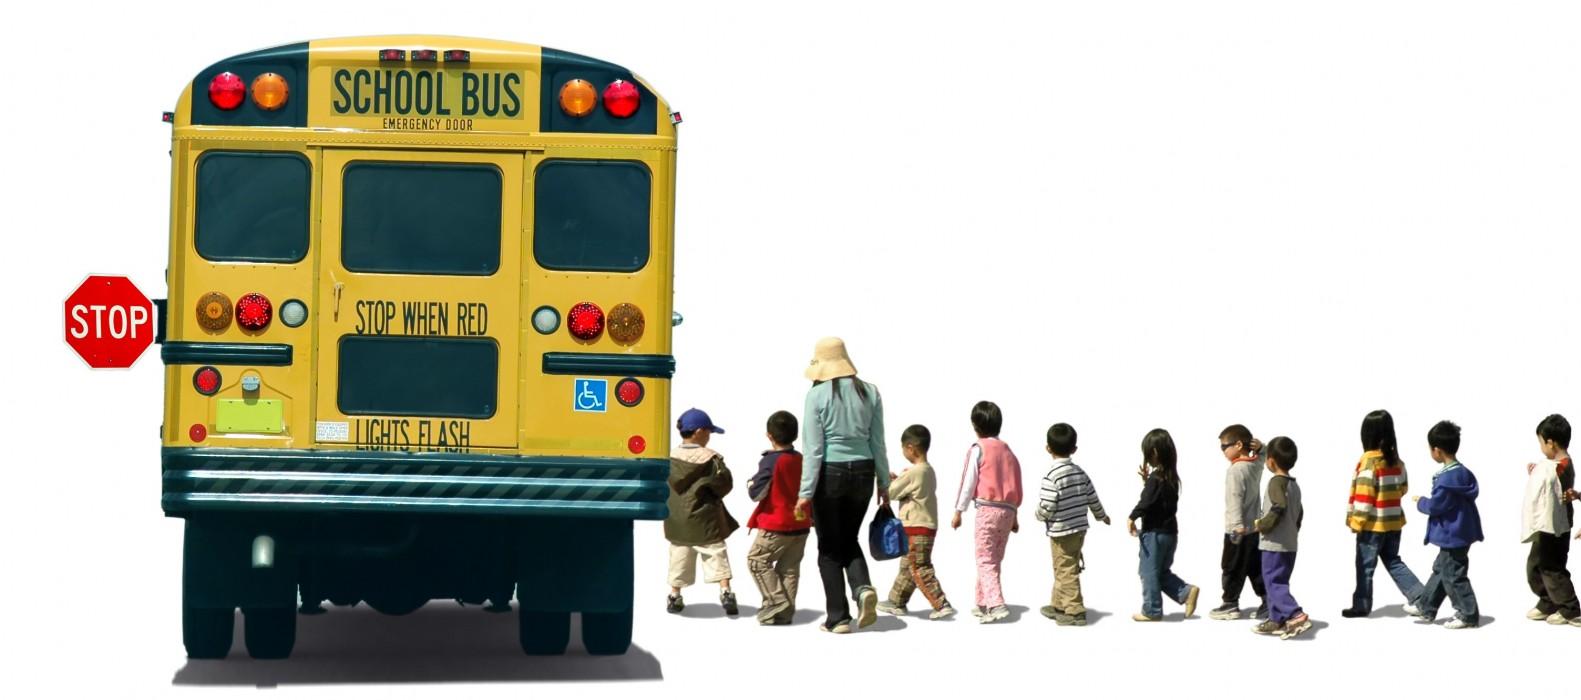 Υπουργείο Παιδείας: Απαγορεύονται οι πολυήμερες εκδρομές στα Ειδικά Σχολέια